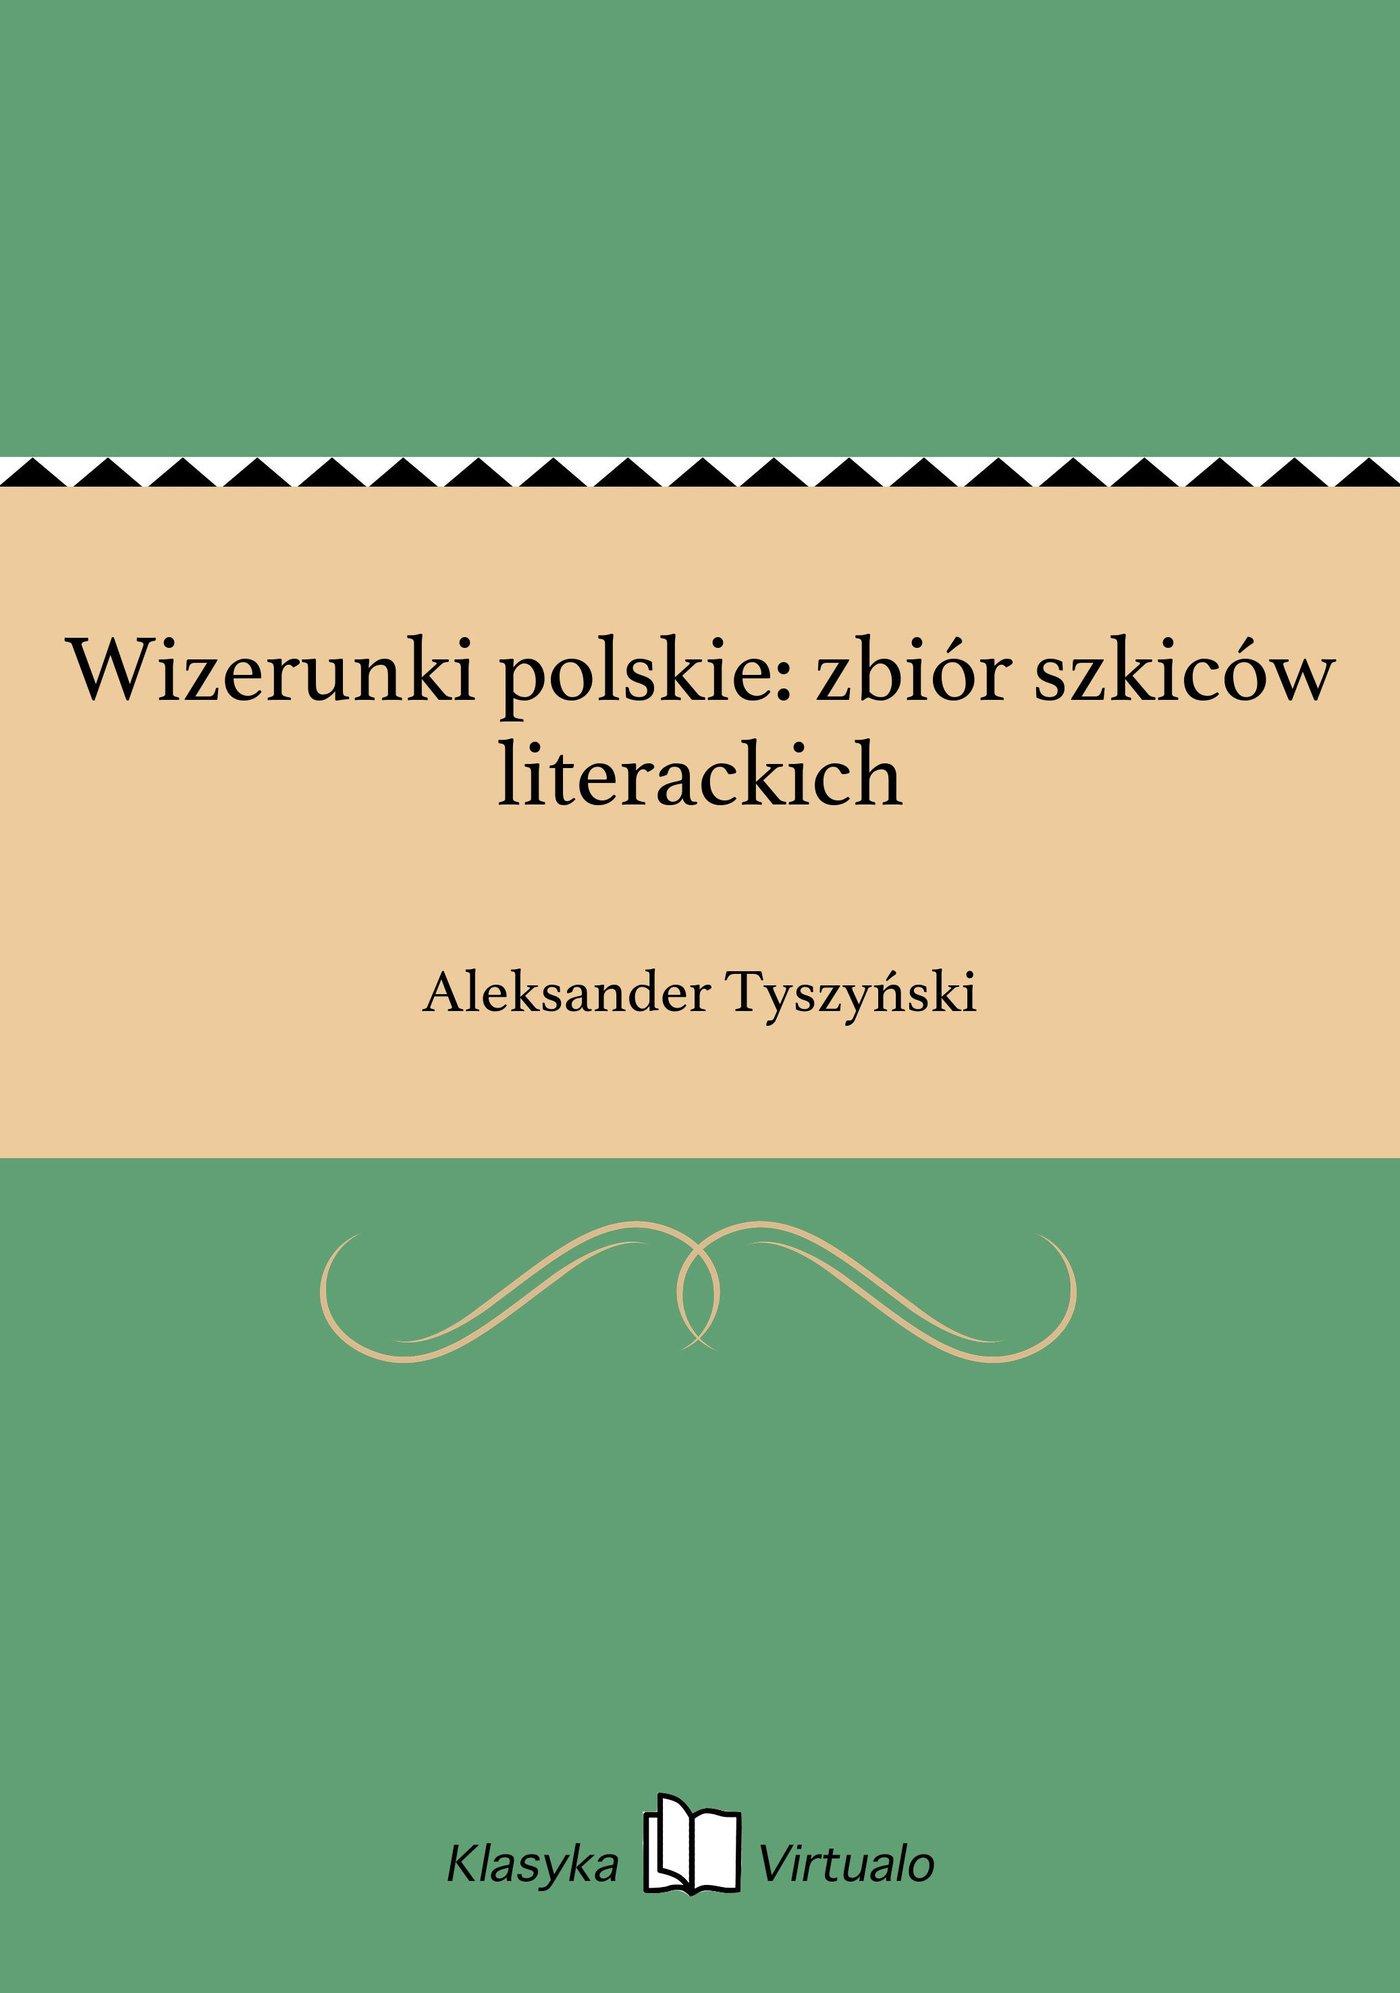 Wizerunki polskie: zbiór szkiców literackich - Ebook (Książka na Kindle) do pobrania w formacie MOBI